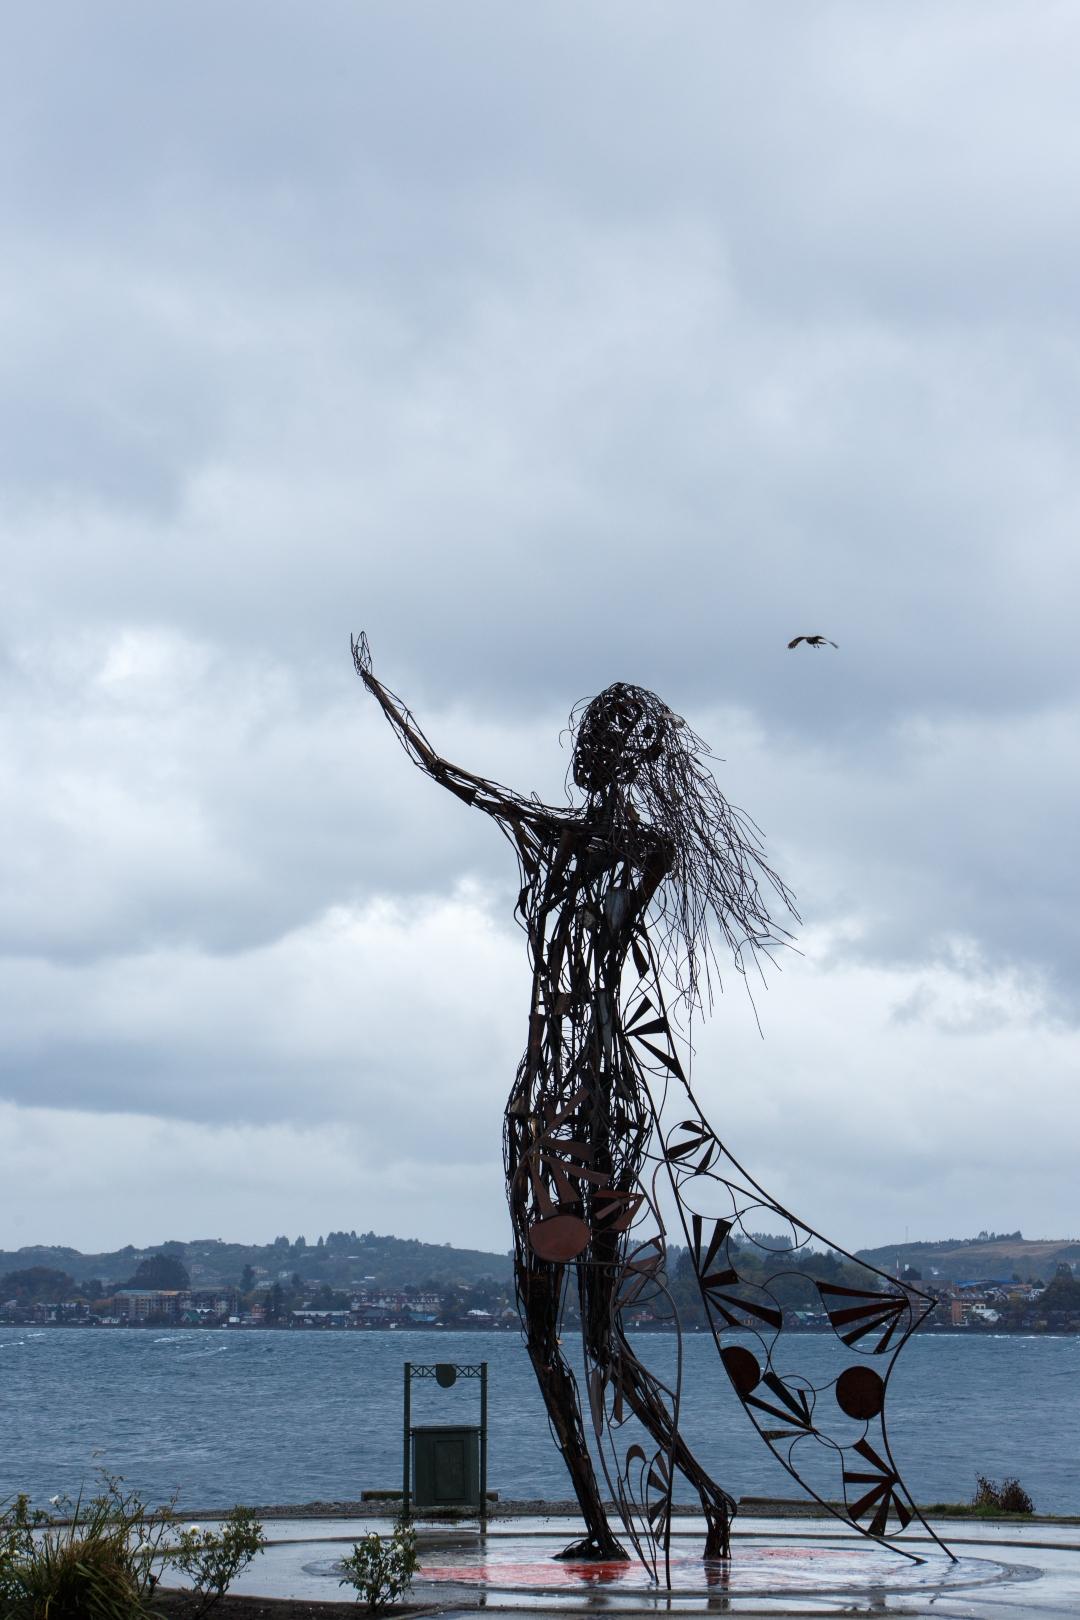 fotografía del monumento princesa Licarayen de Puerto Varas